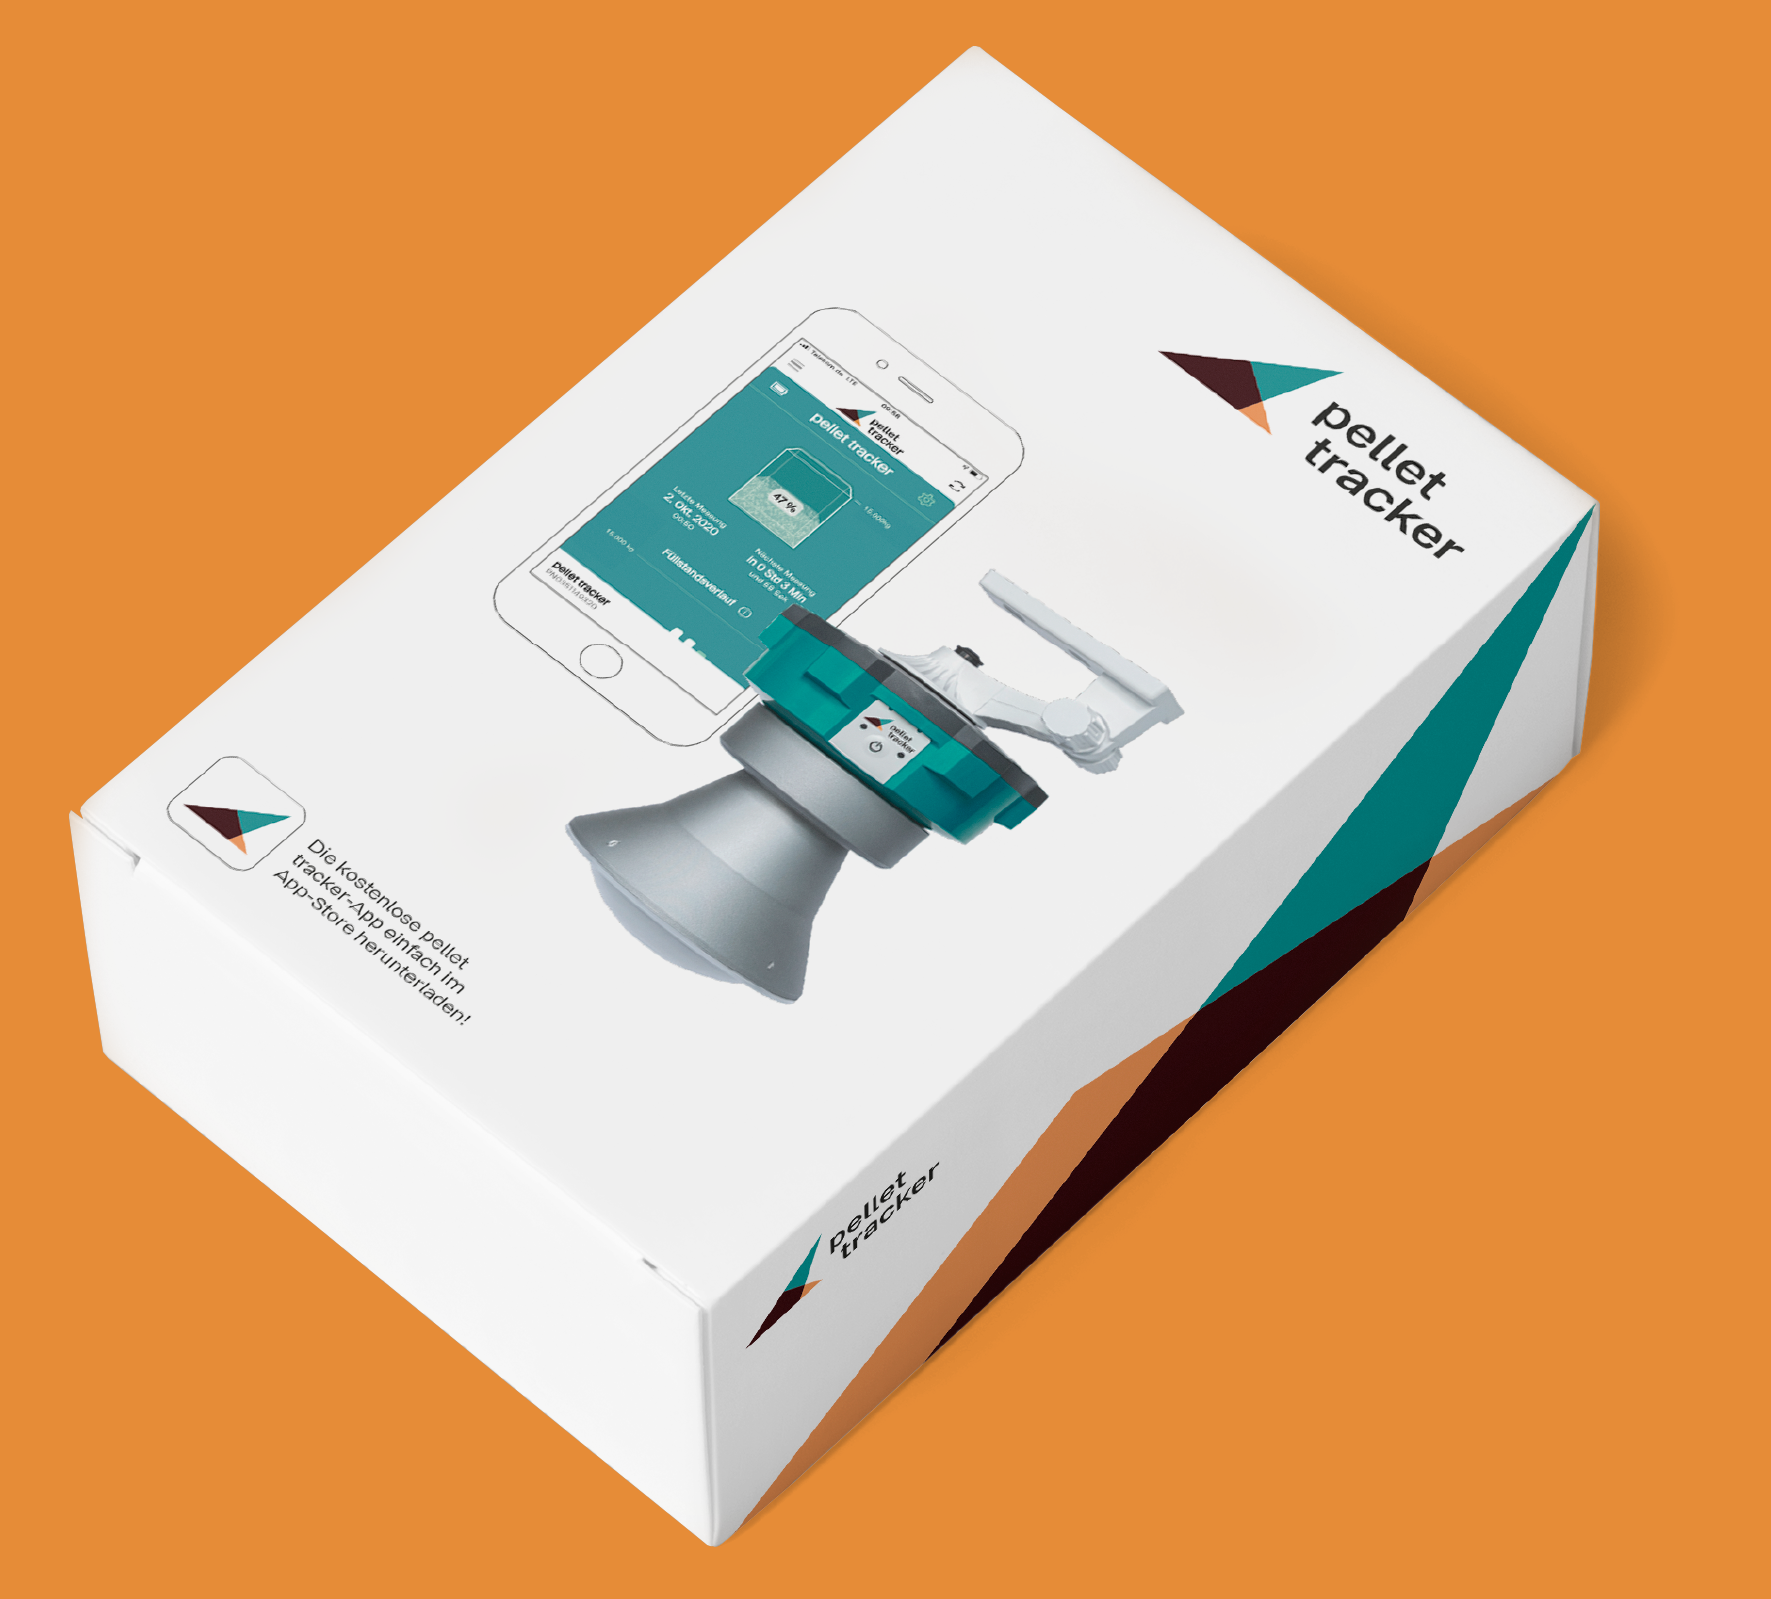 pellet-tracker-mietgeraet-produkt-bestellen